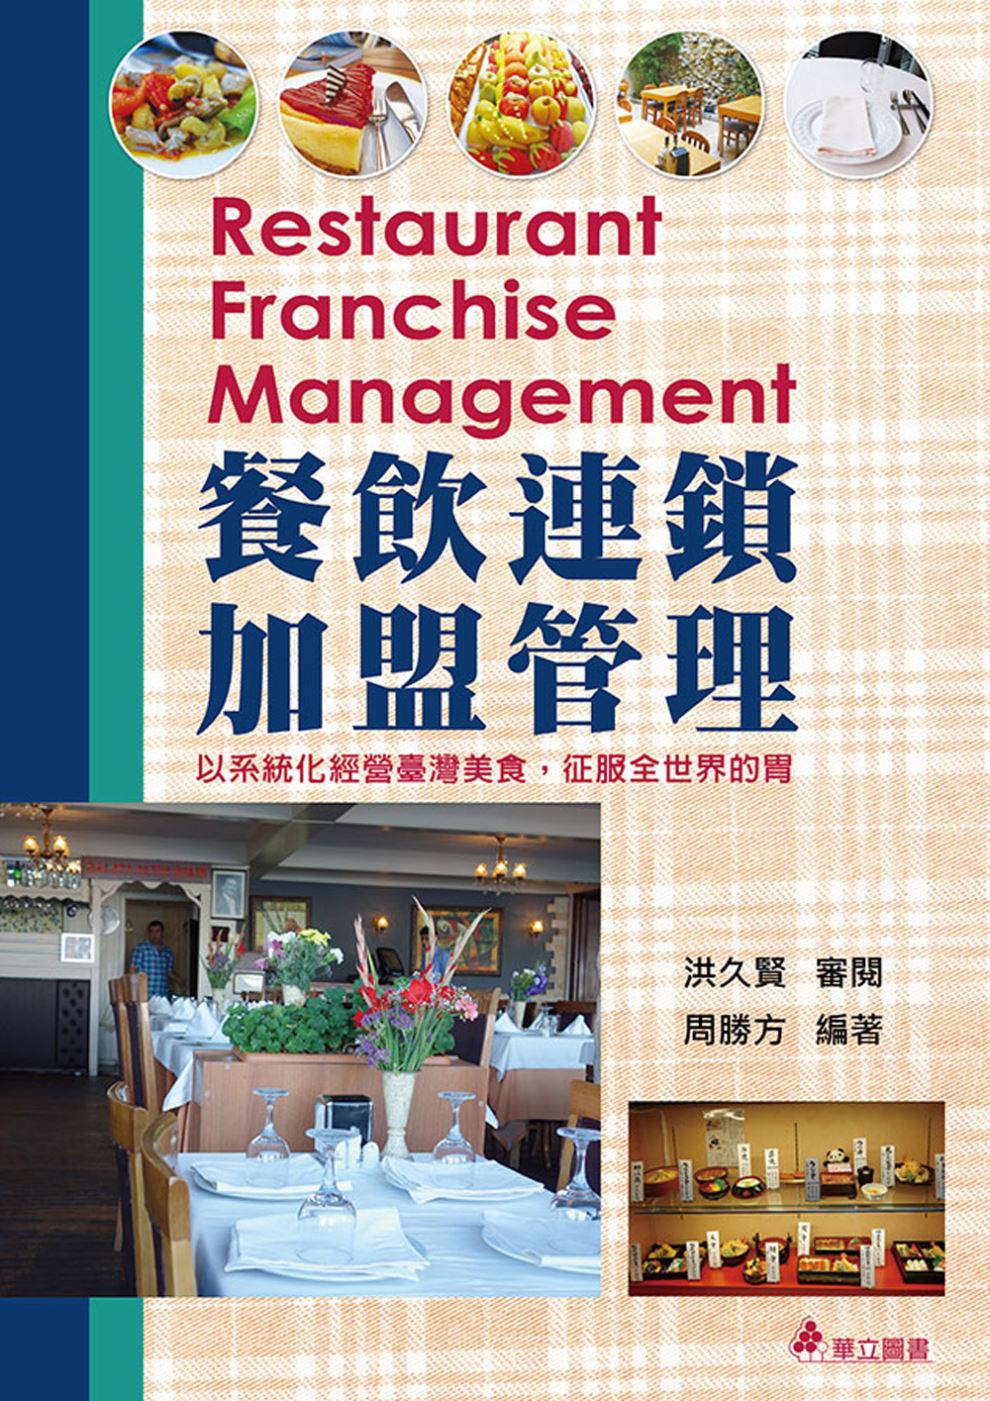 餐飲連鎖加盟管理:以系統化經營臺灣美食,征服全世界的胃(三版)